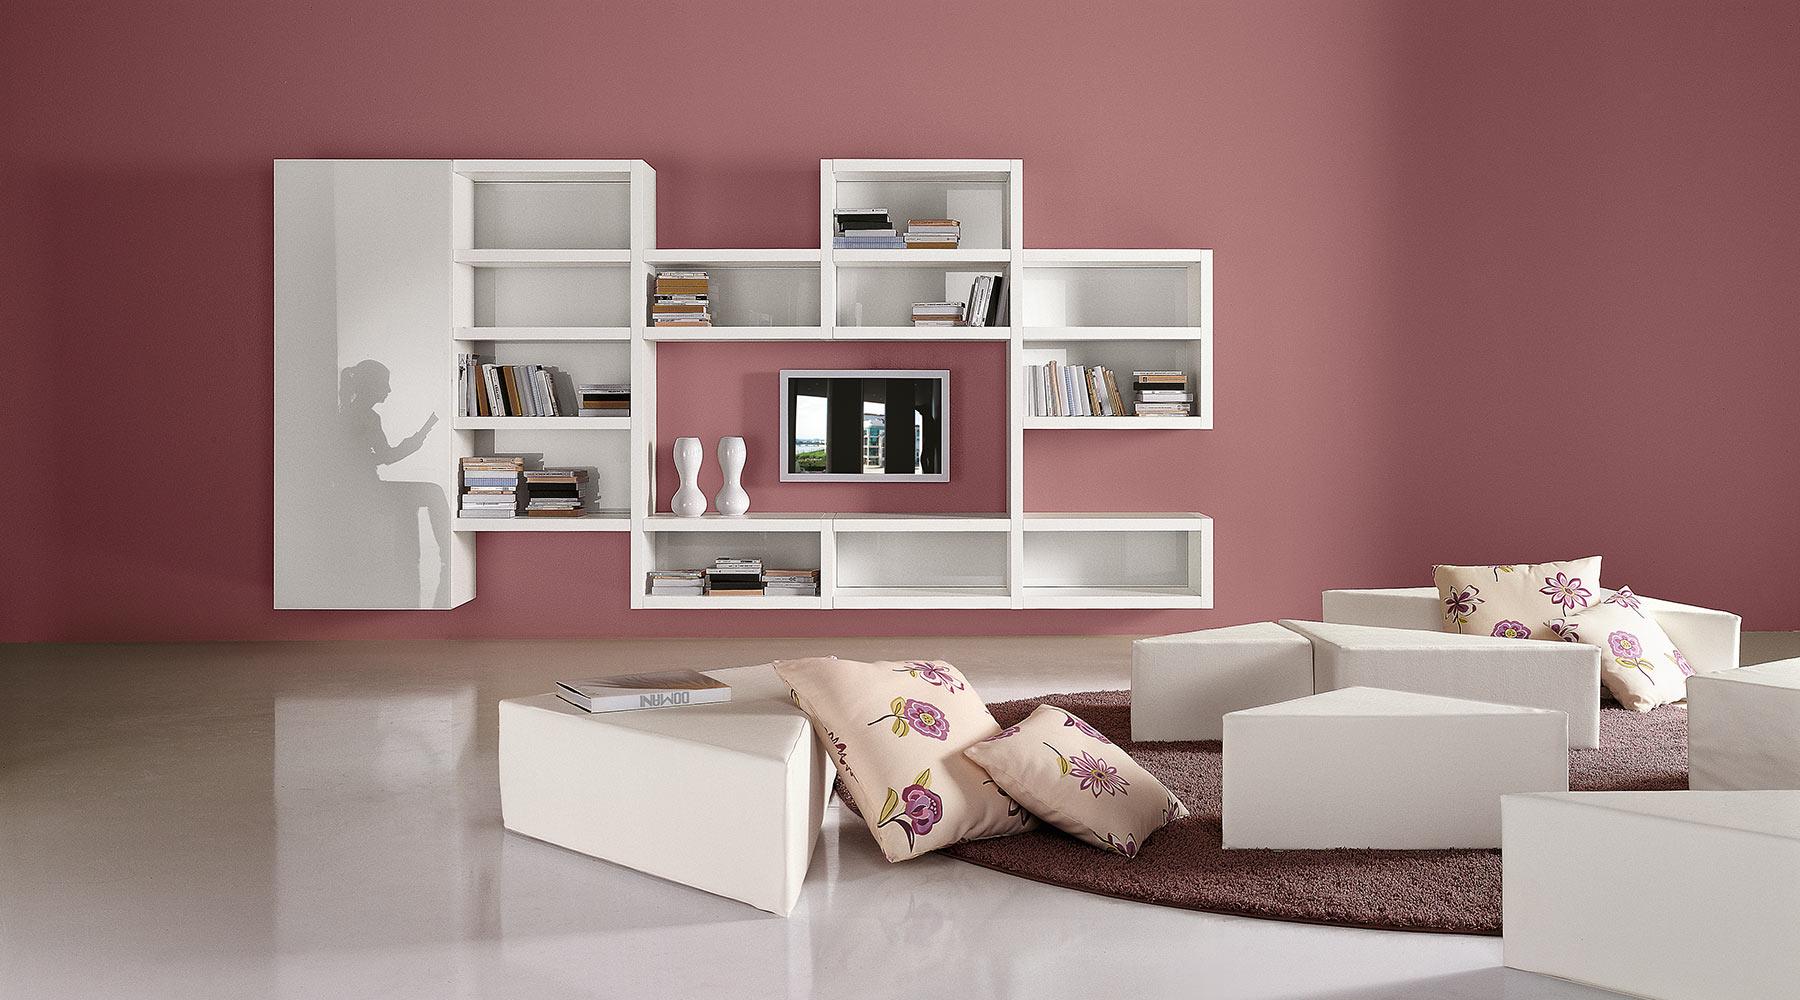 Plebani arredamenti cucine camere camerette poltrone for Ditta lago mobili